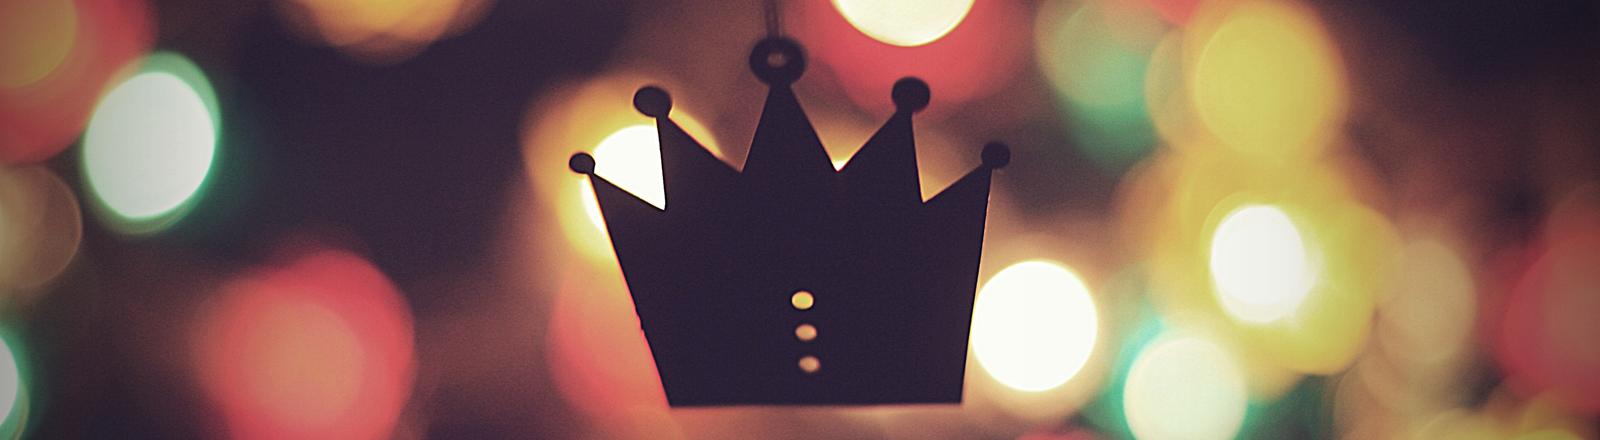 Eine Krone aus Pappe oder einem anderen Material hängt an einem Faden